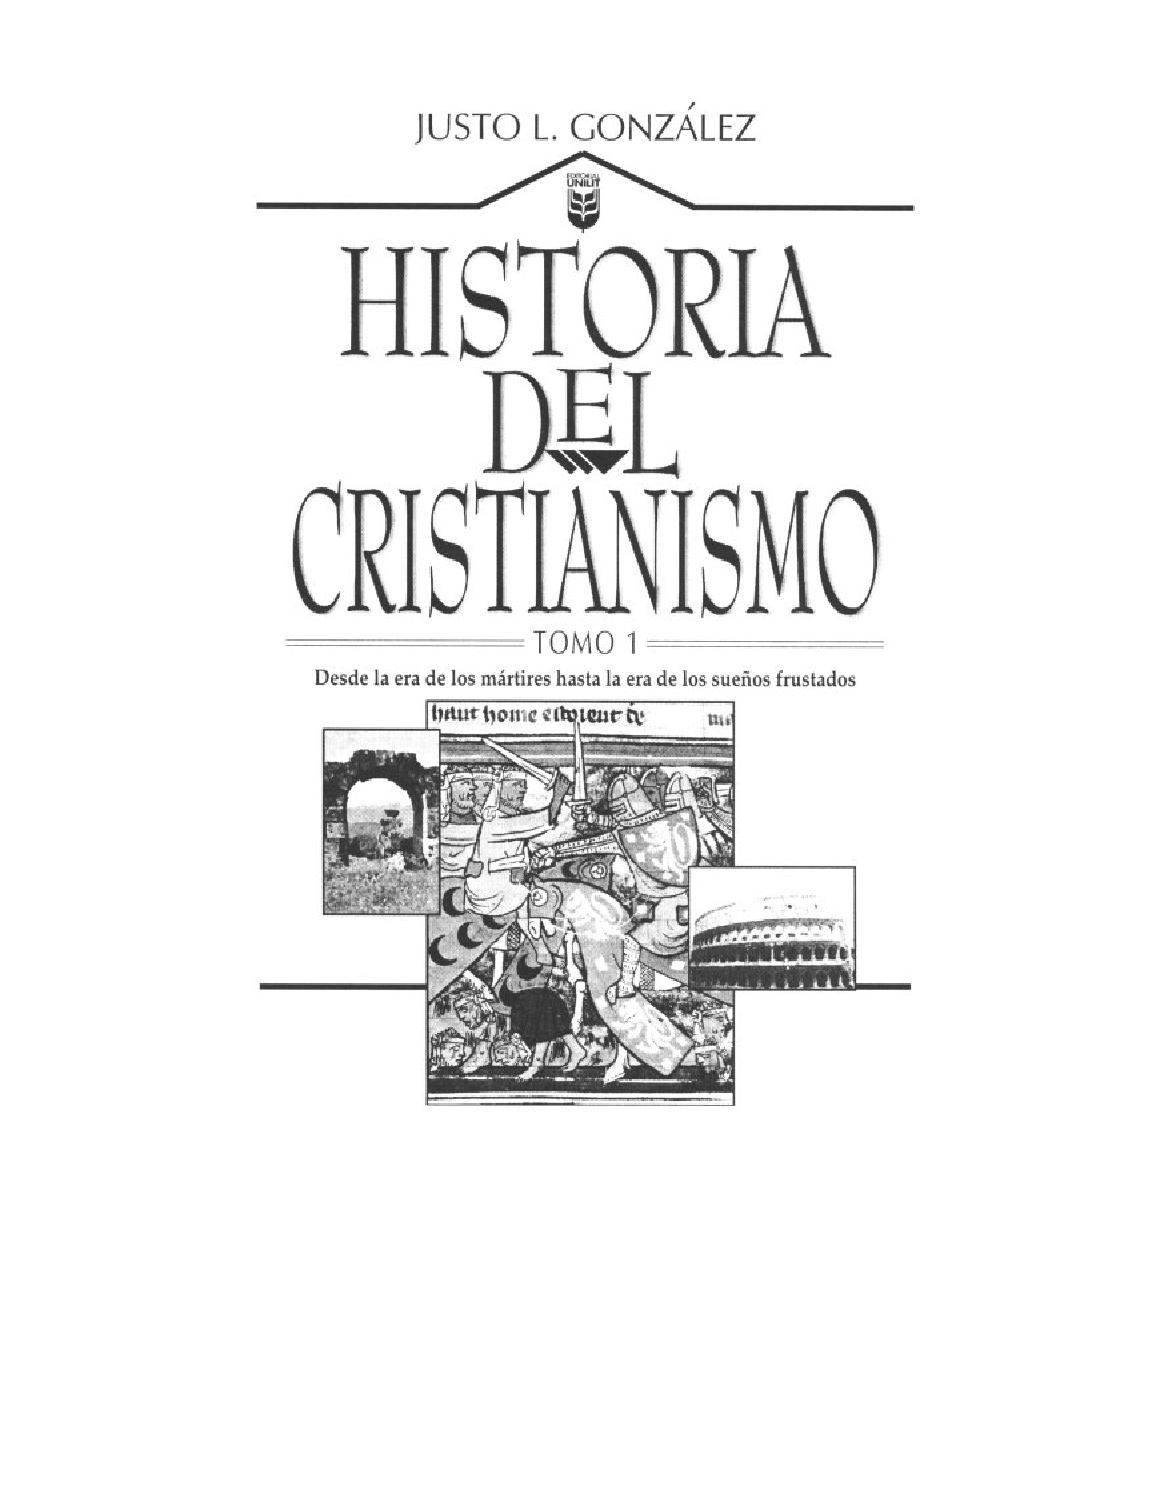 Justo l gonzalez historia del cristianismo tomo 1 by SANDRA - issuu